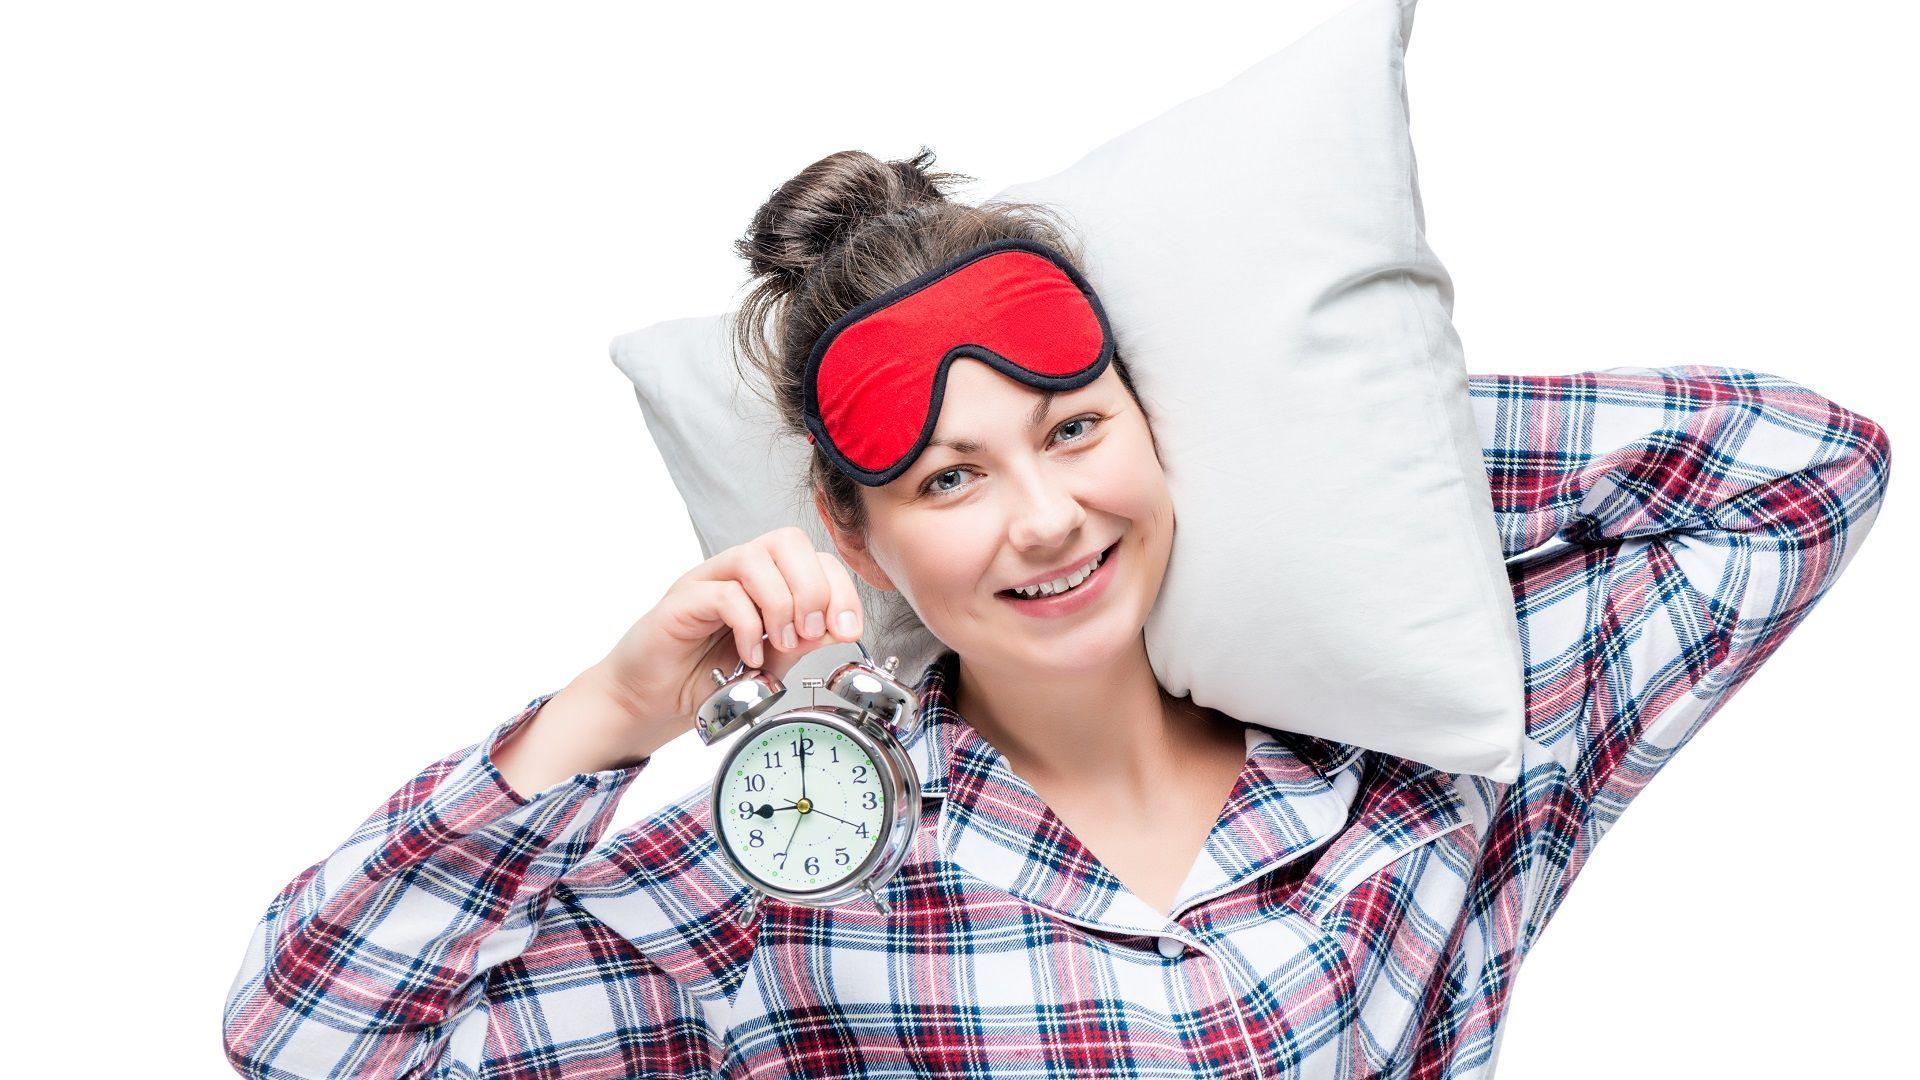 3 uur slaap - voor je het weet is het weer tijd voor de volgende powernap